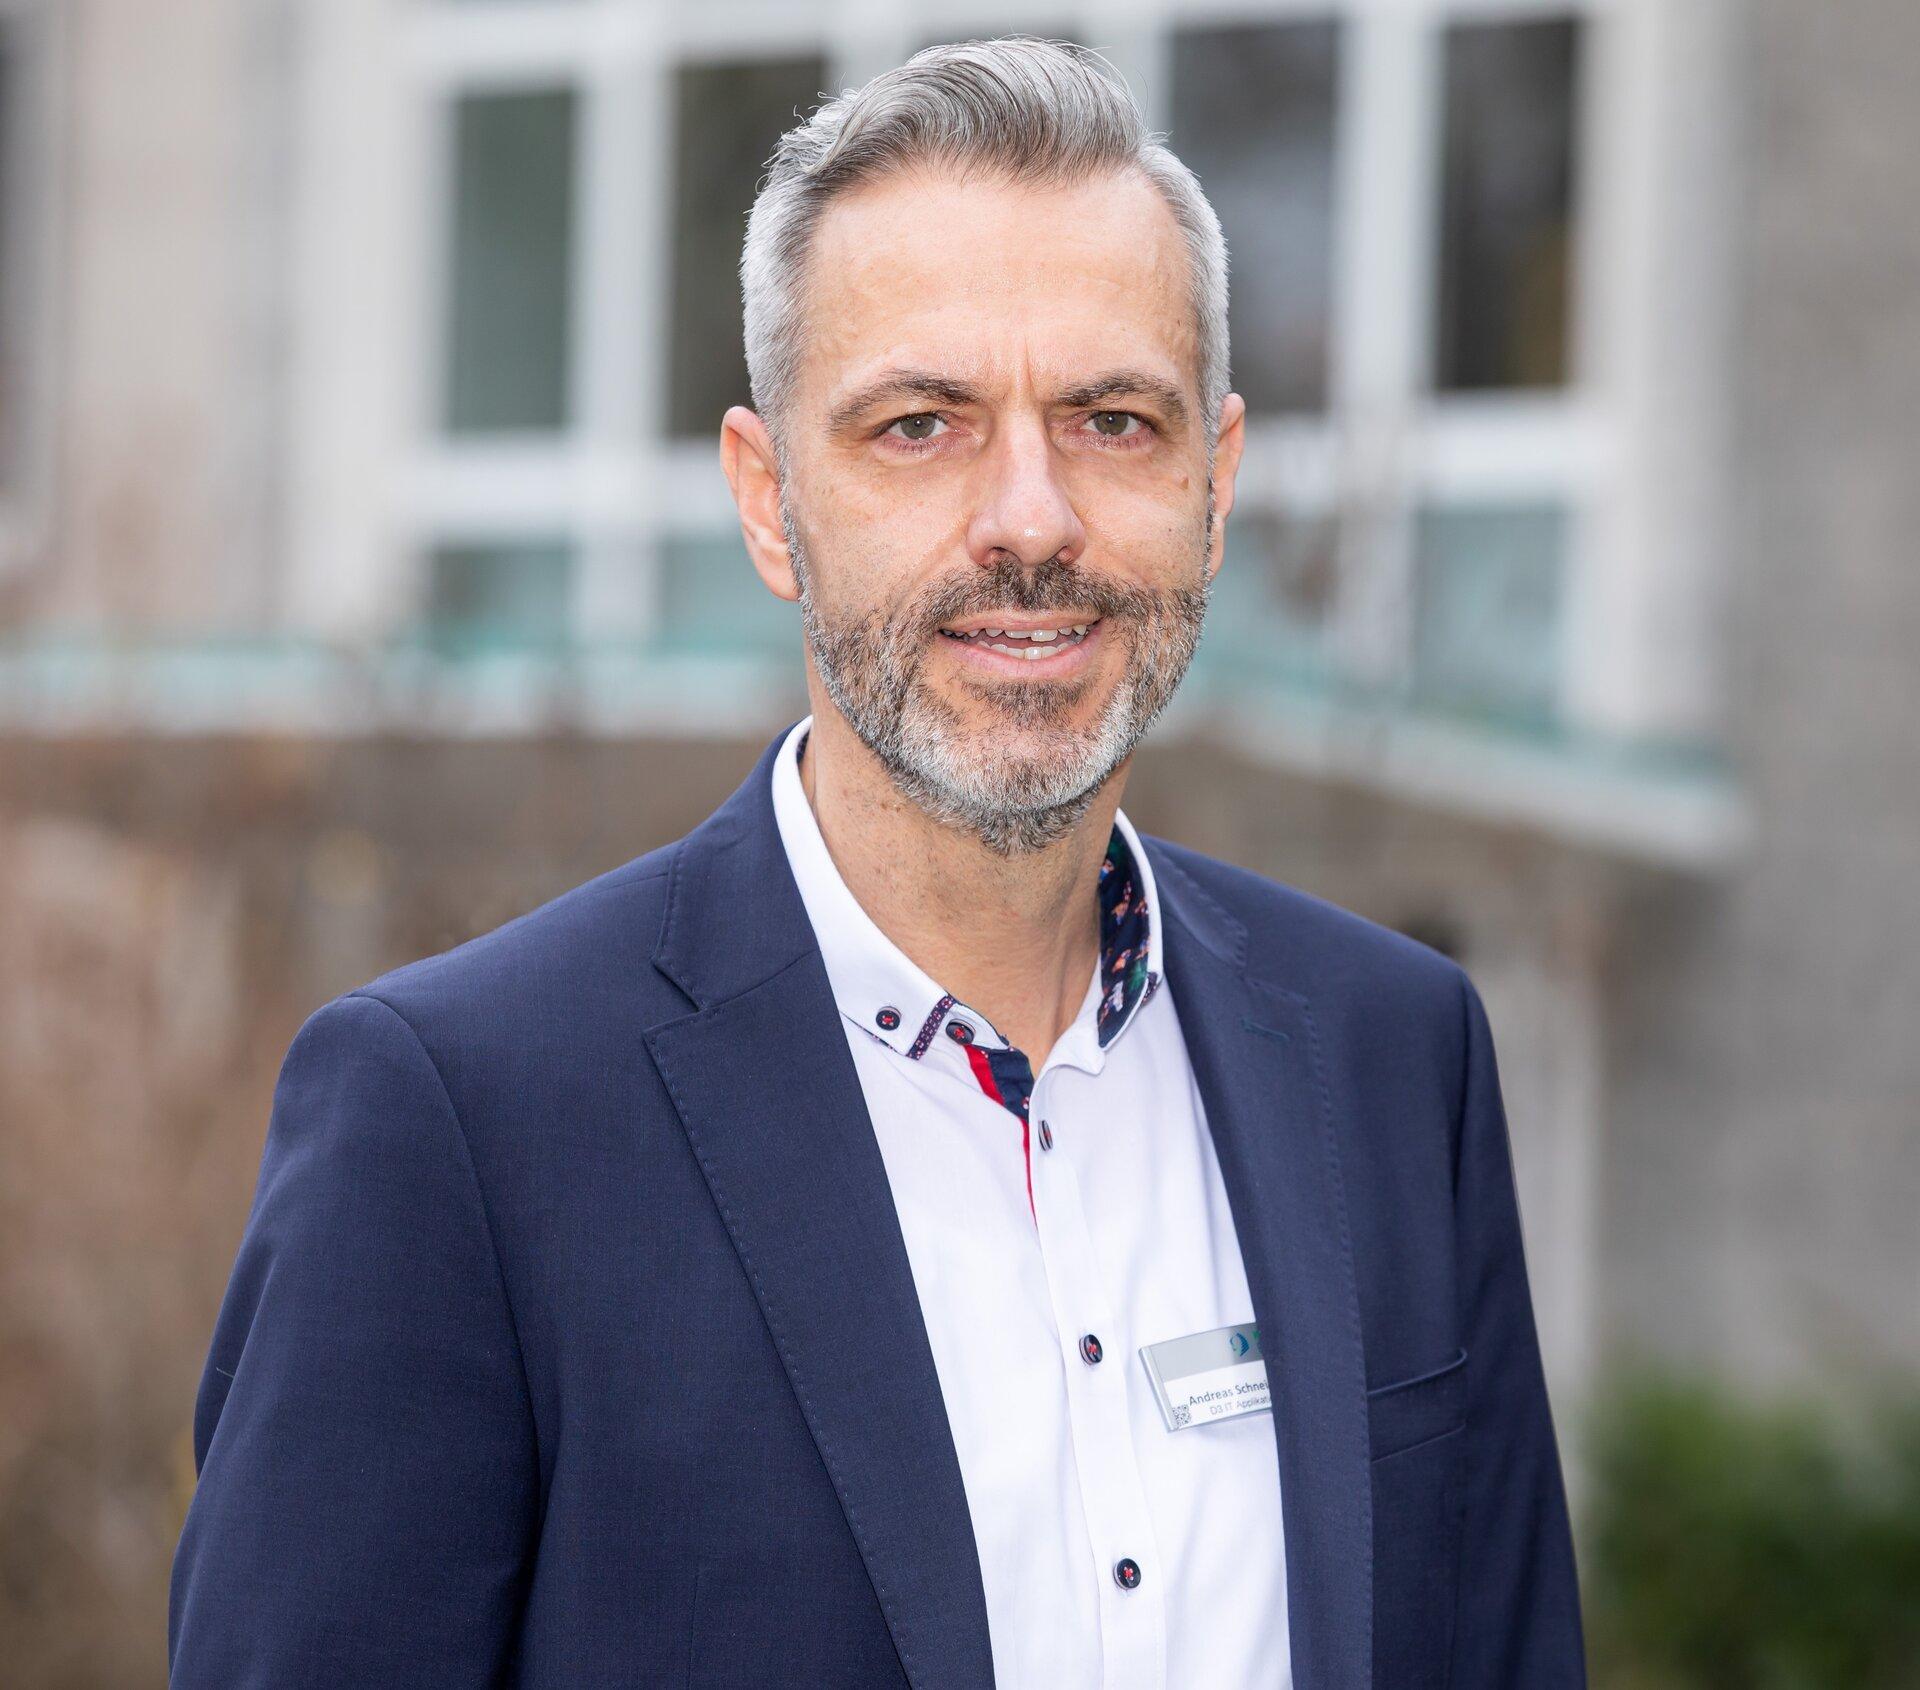 Andreas Schneider-Adamek